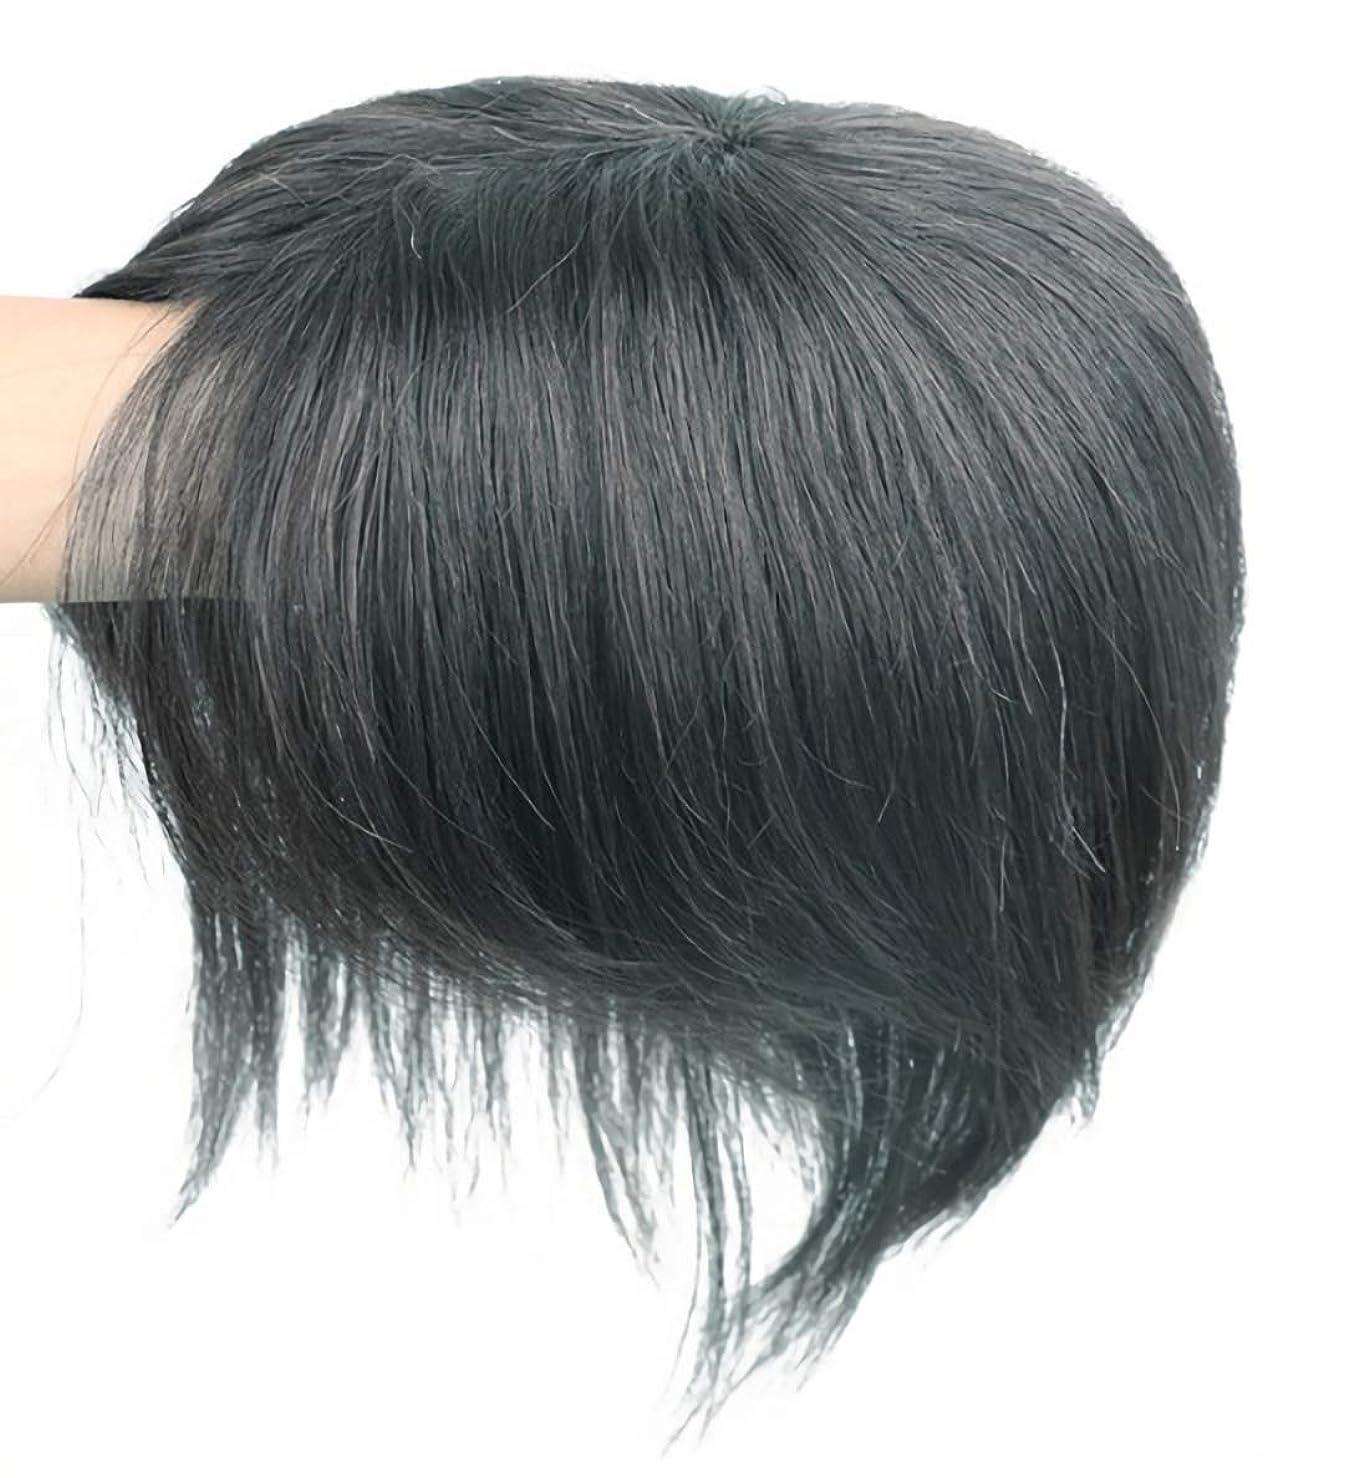 成長アクティブシリーズ【SRrabbit】最高級 100%人毛 ポイントウィッグ レディースヘア 部分ウィッグ つけ毛 増毛部分かつら 人毛で制作 ヘアピース 白髪隠れ 通気性よく 女性用 おしゃれかつら